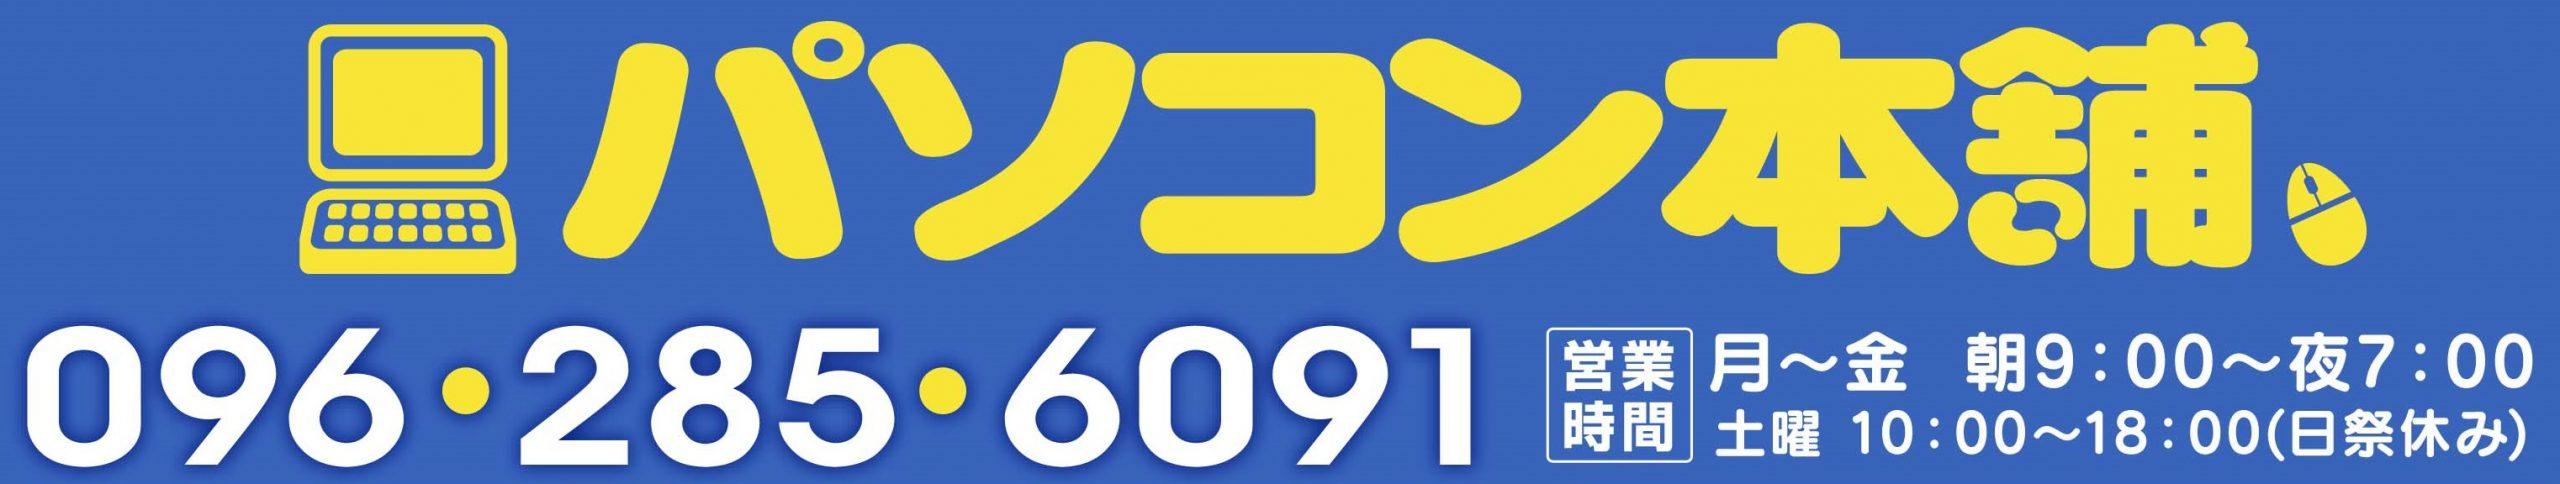 熊本のパソコン修理専門店|パソコン本舗。診断見積もり無料